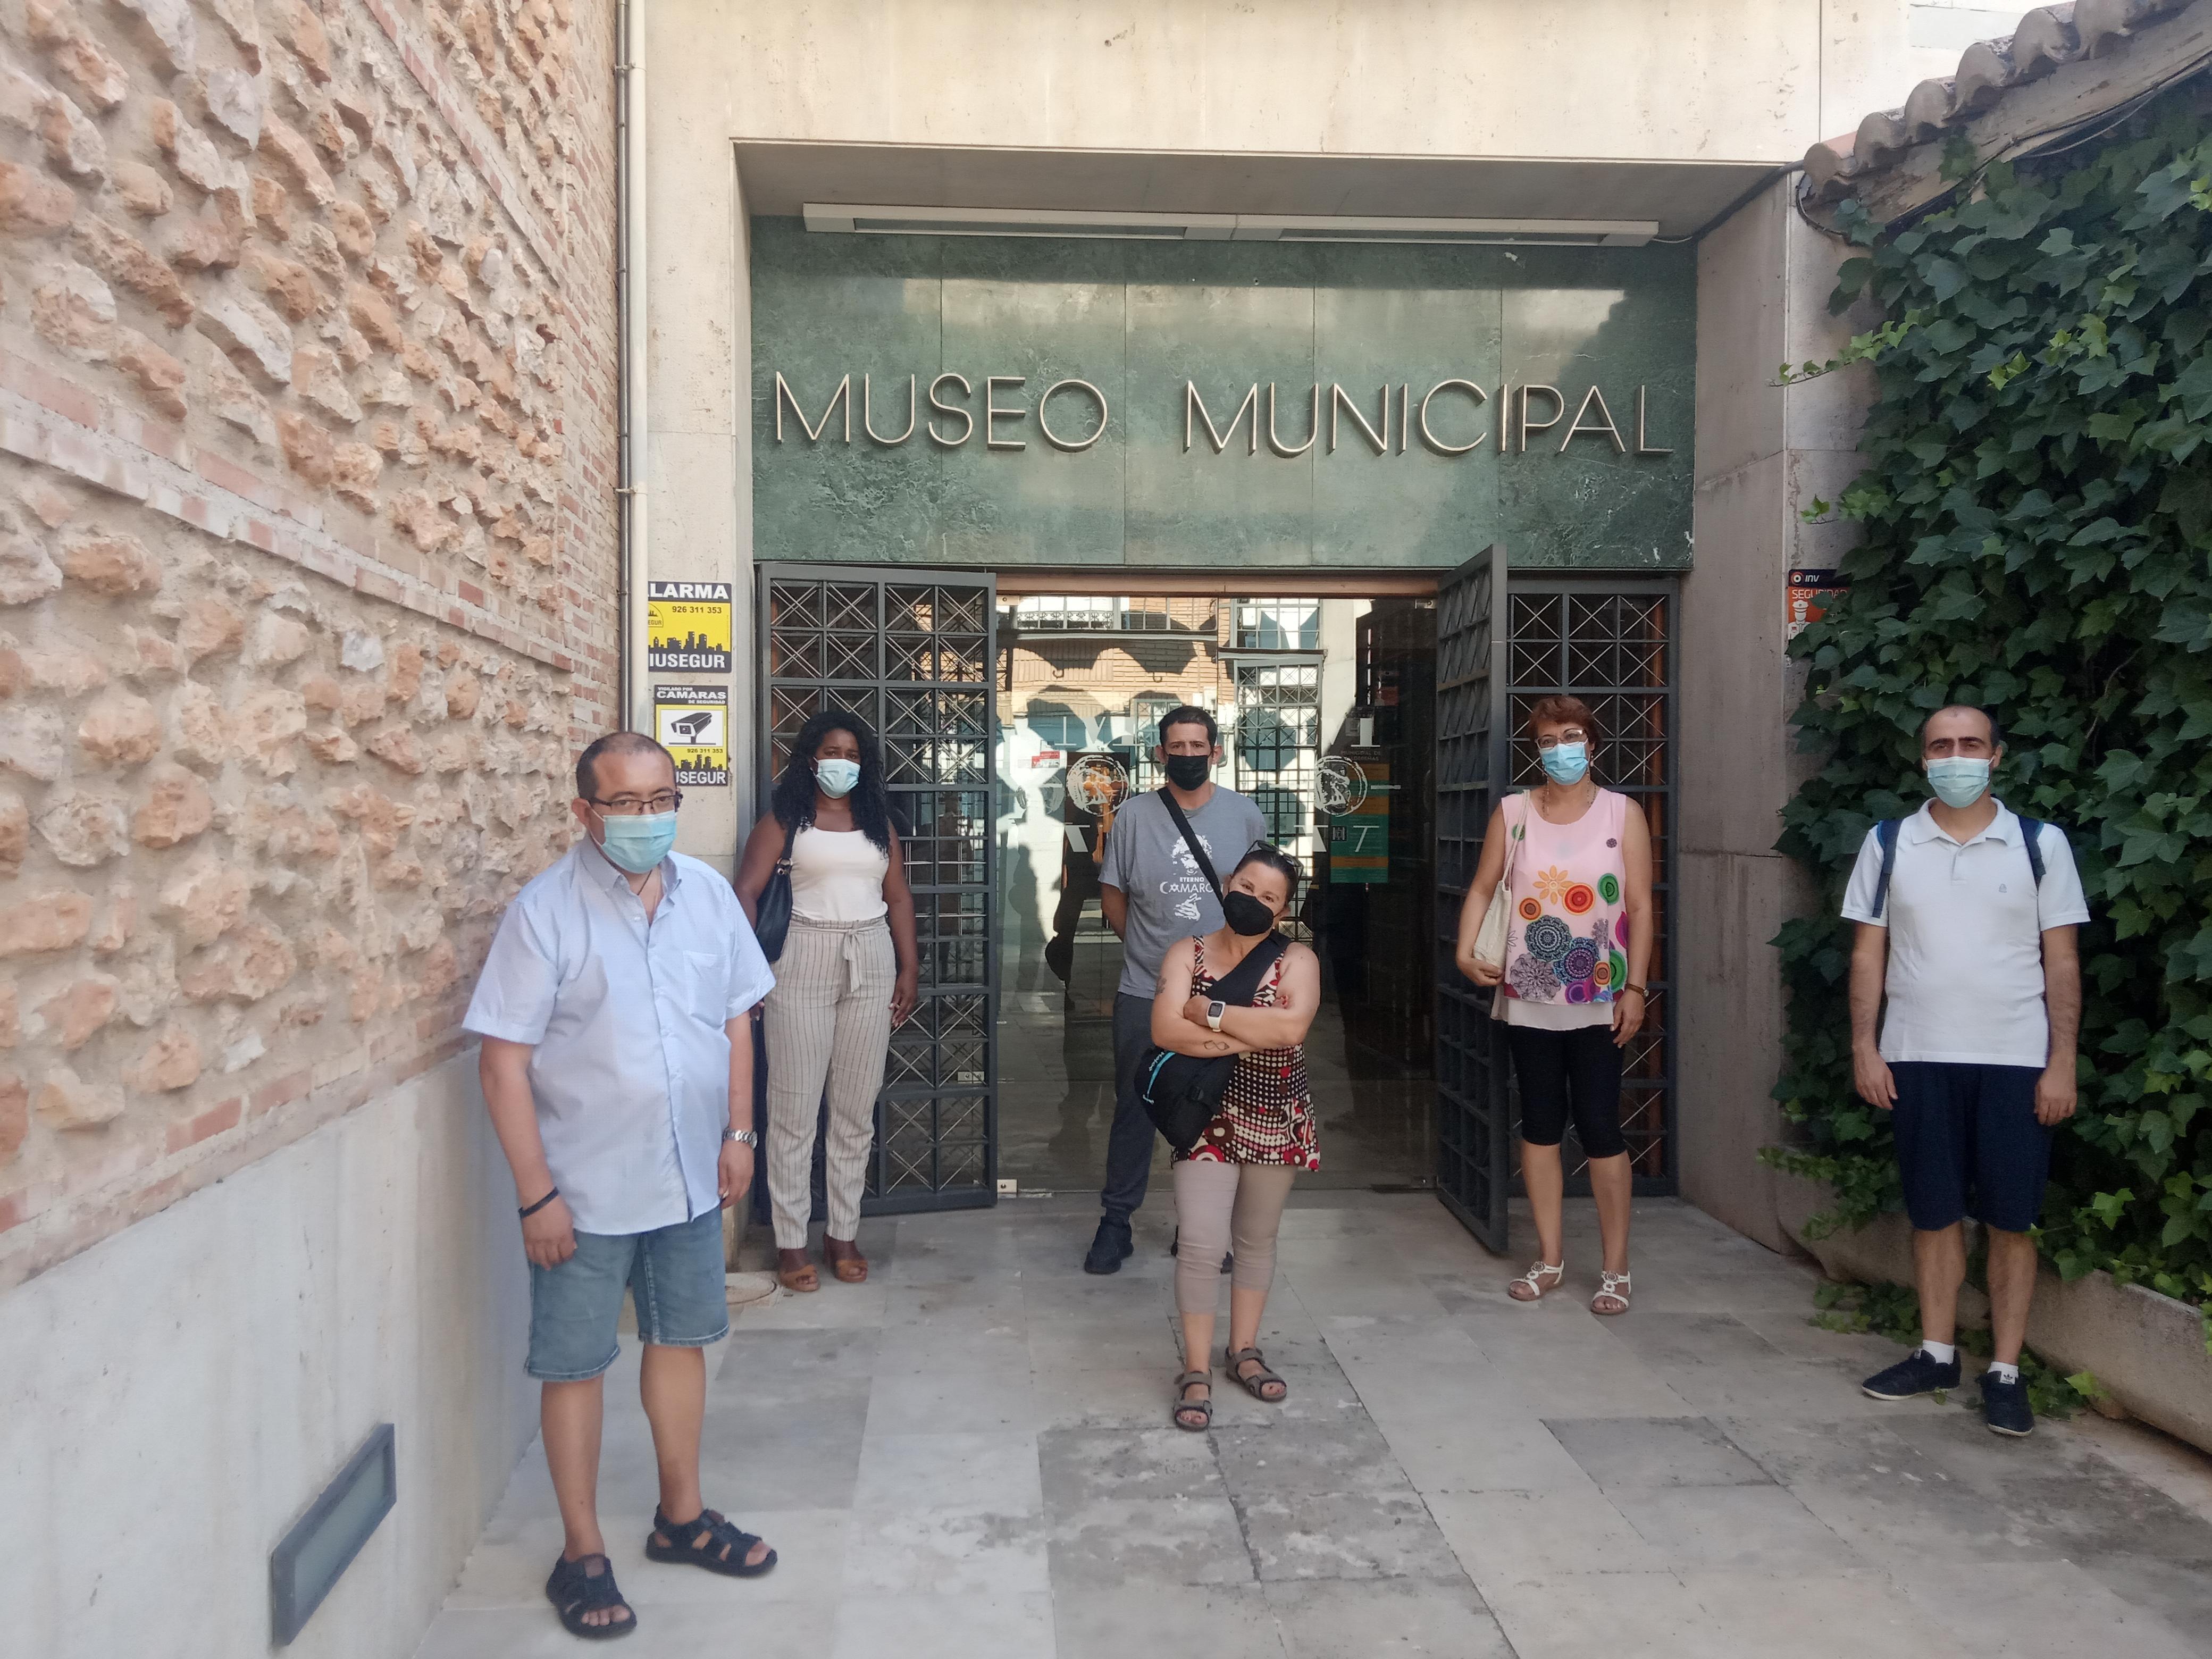 De visita al Museo Municipal de Valdepeñas… ¡repetiremos!